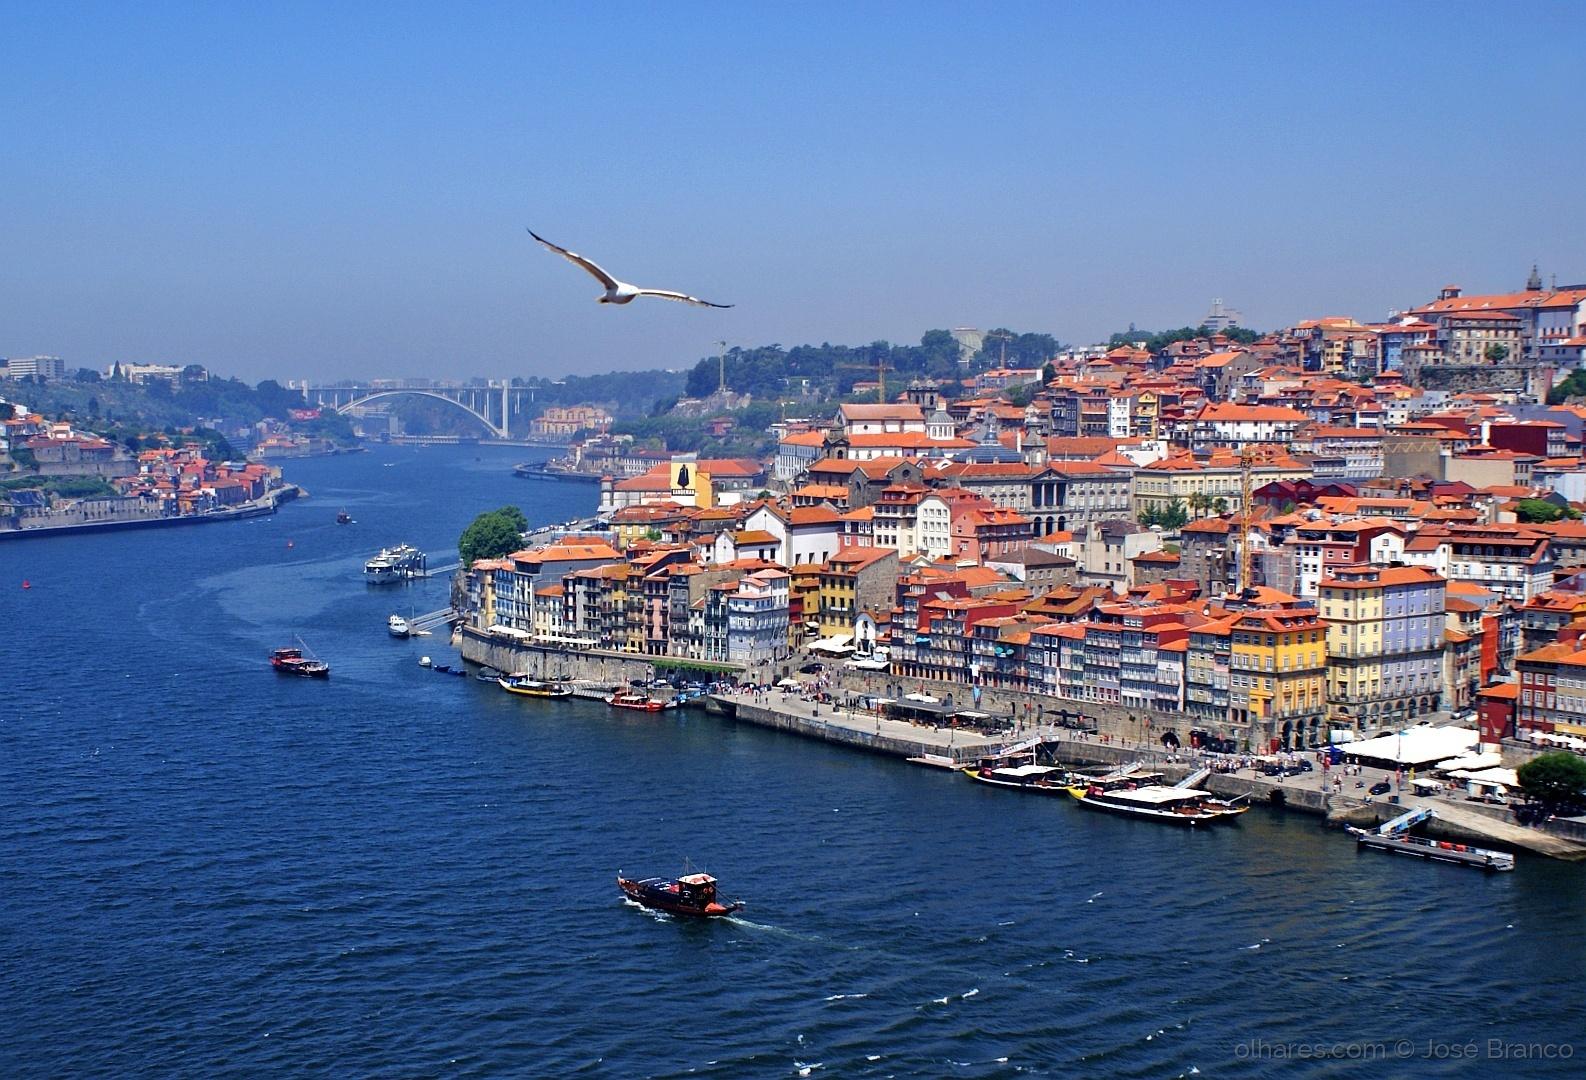 Grupo israelita Fortera investe em residência de estudantes no Porto (e não só...)